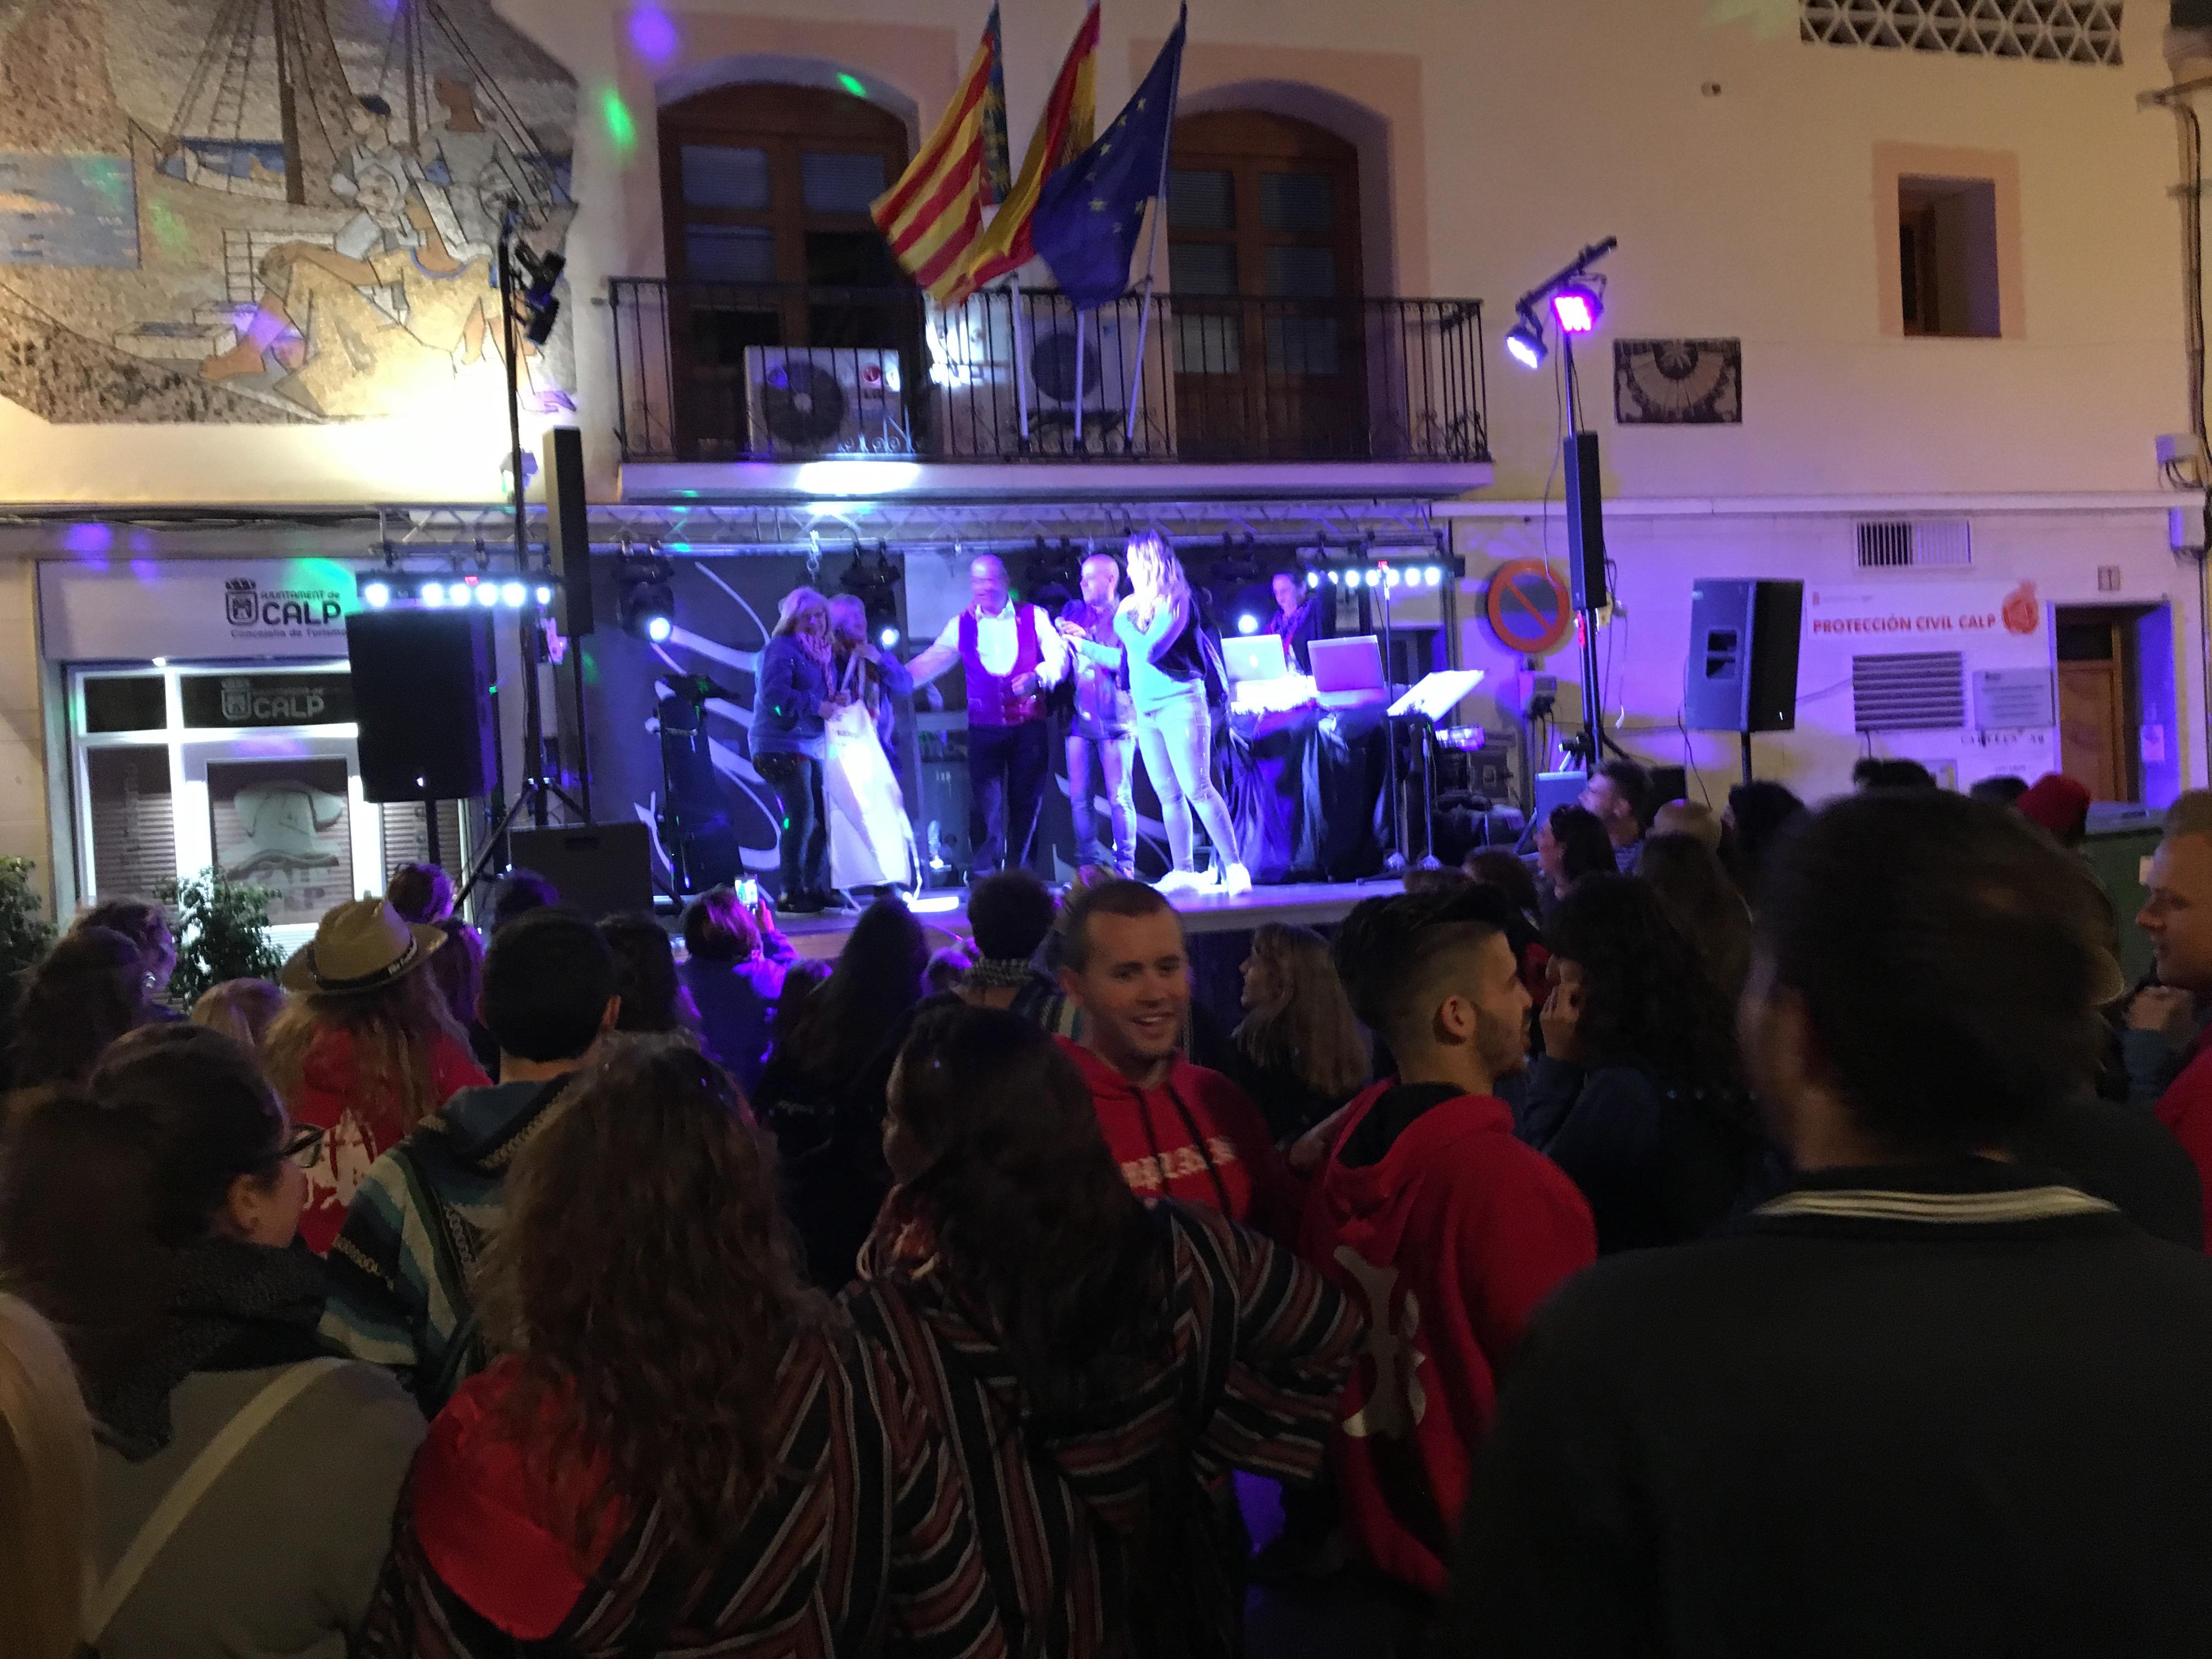 """Del 20 al 22 de Abril celebramos en Calpe las fiestas """"MIG ANY 2018"""", Mario Schumacher Blog"""